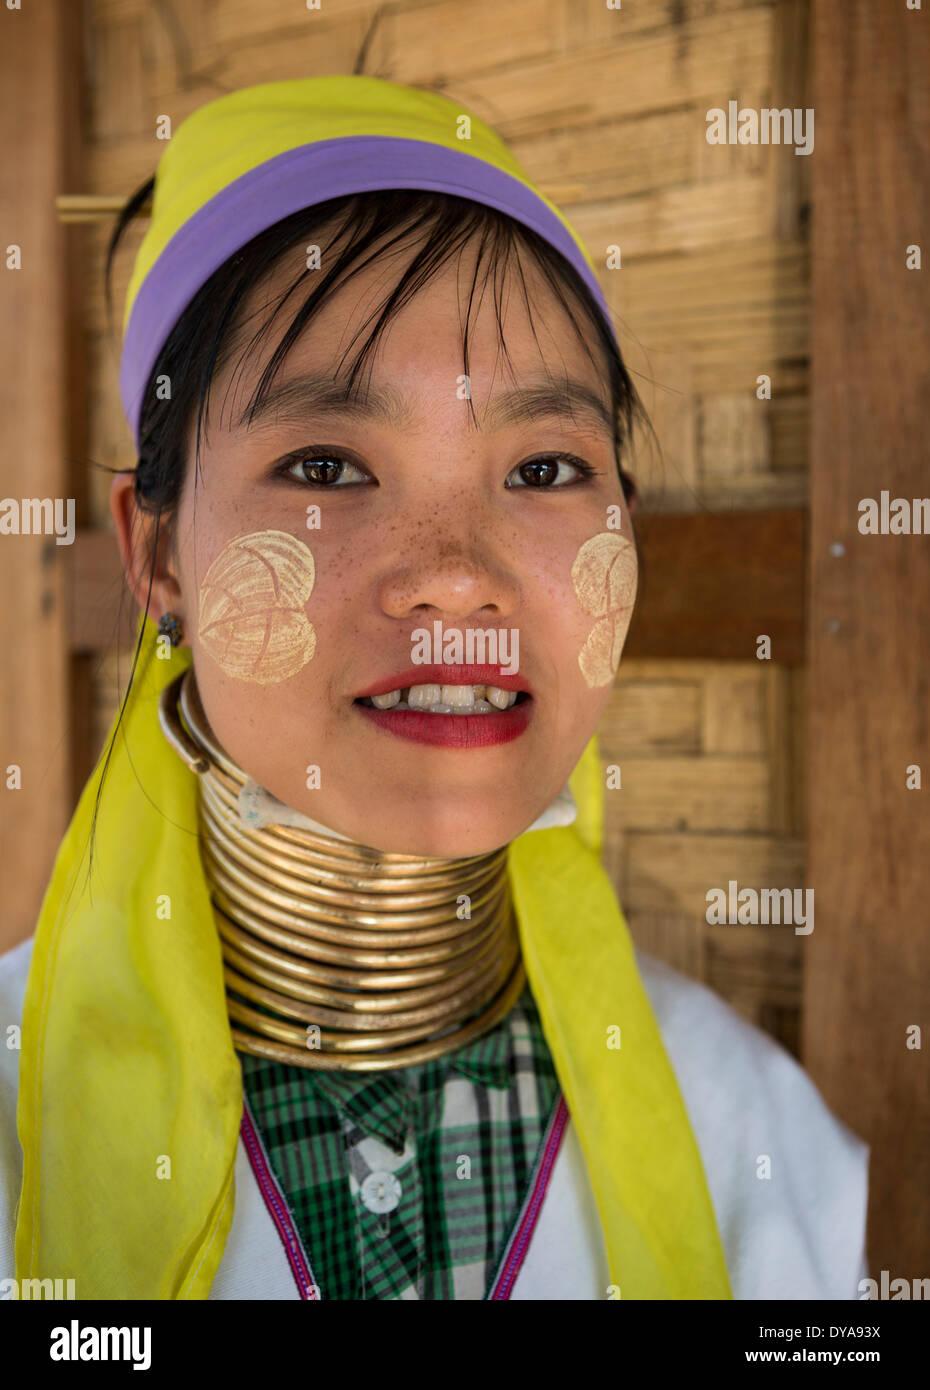 Donna giraffa Inle MYANMAR Birmania Asia attrazione fede colorato lago collo lungo e doloroso religione tradizione turistica travel Immagini Stock